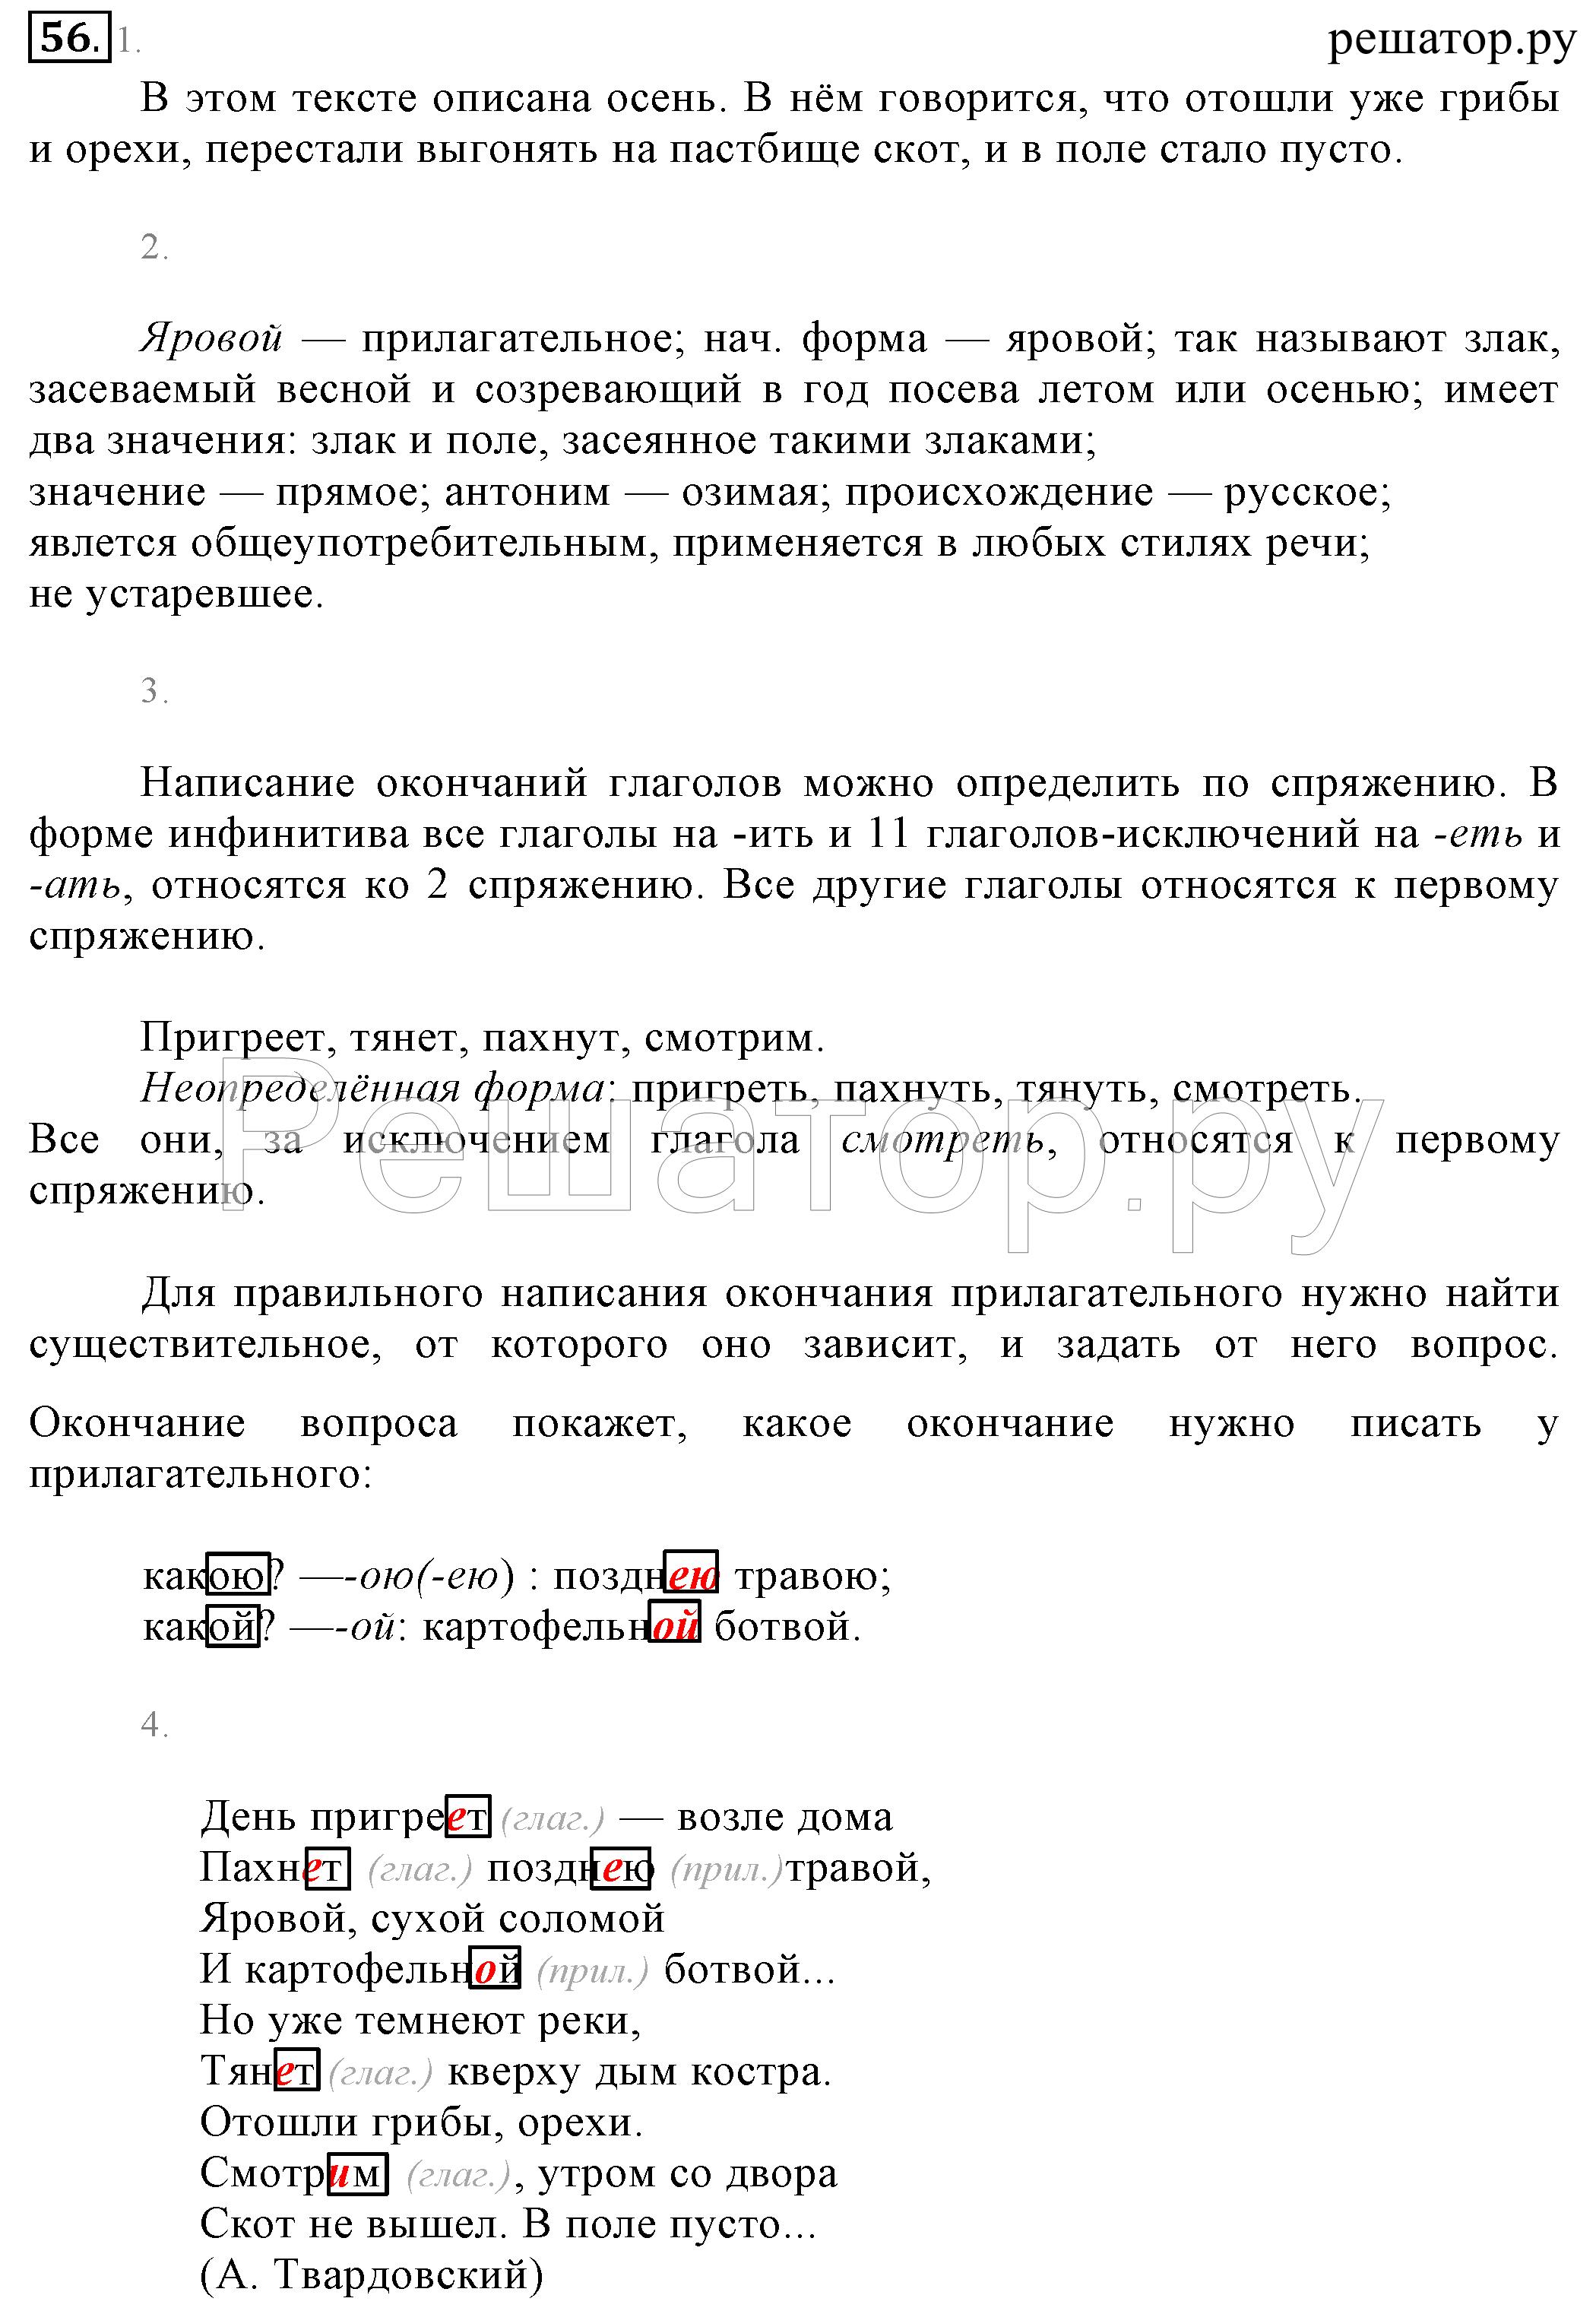 Русский язык м.м разумская страница 50 номер 128 6 класс